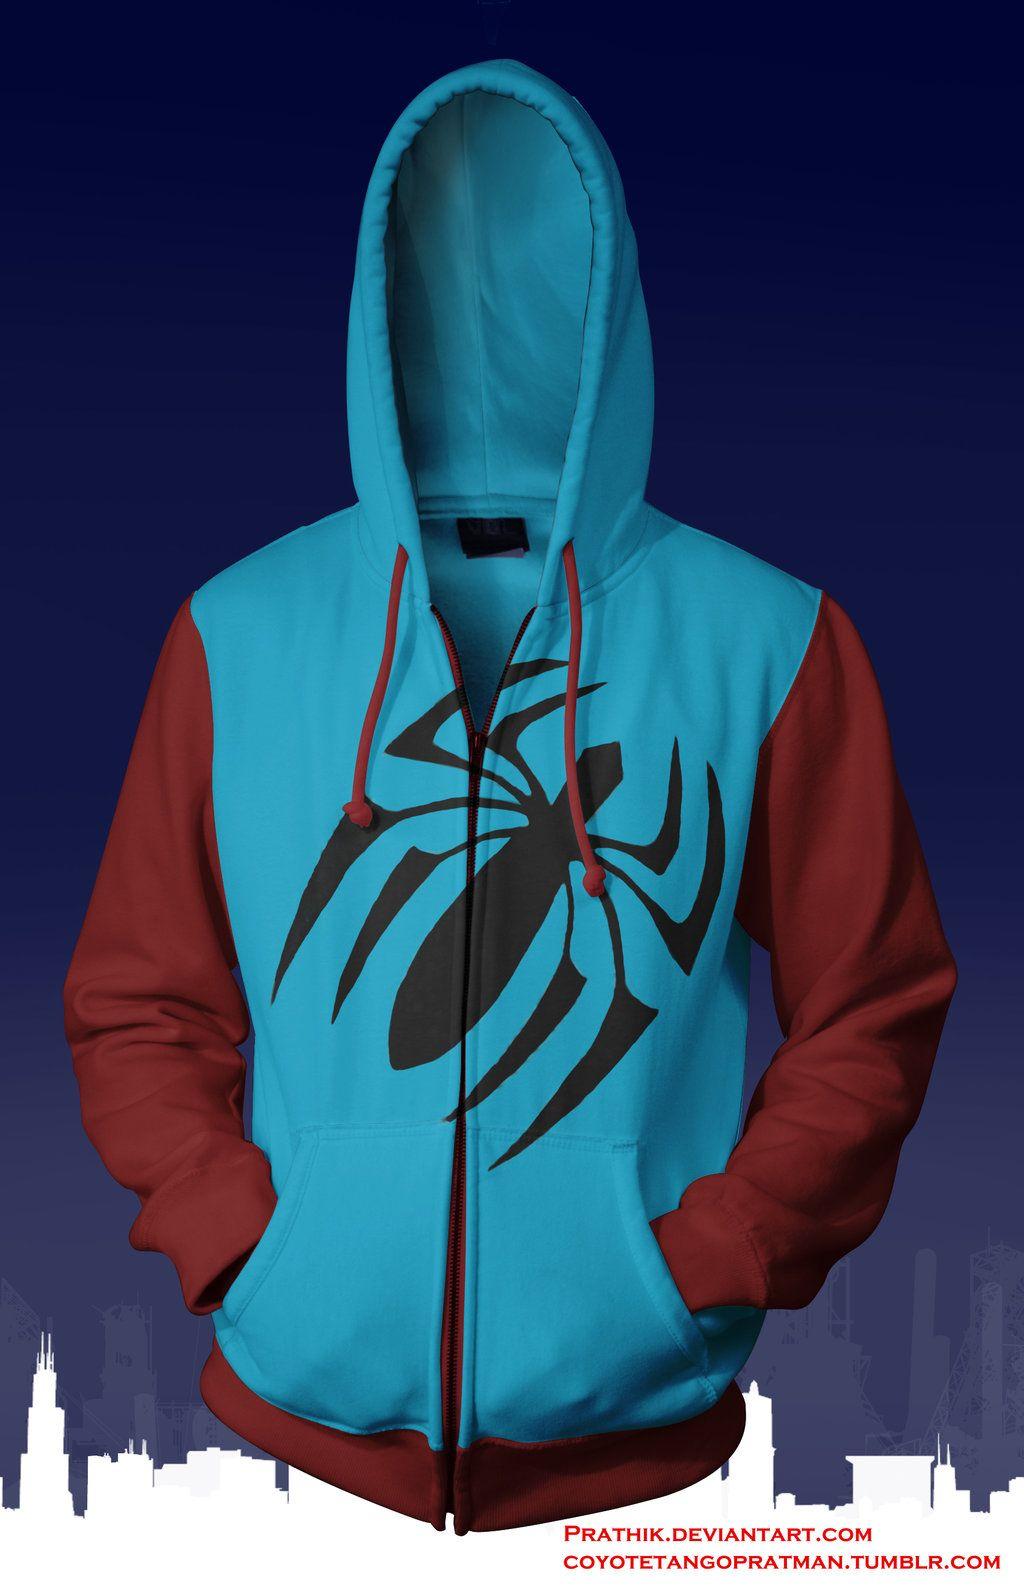 Scarlet Spider (Ben Reilly) Hoodie by prathik | Fanpiro | Pinterest